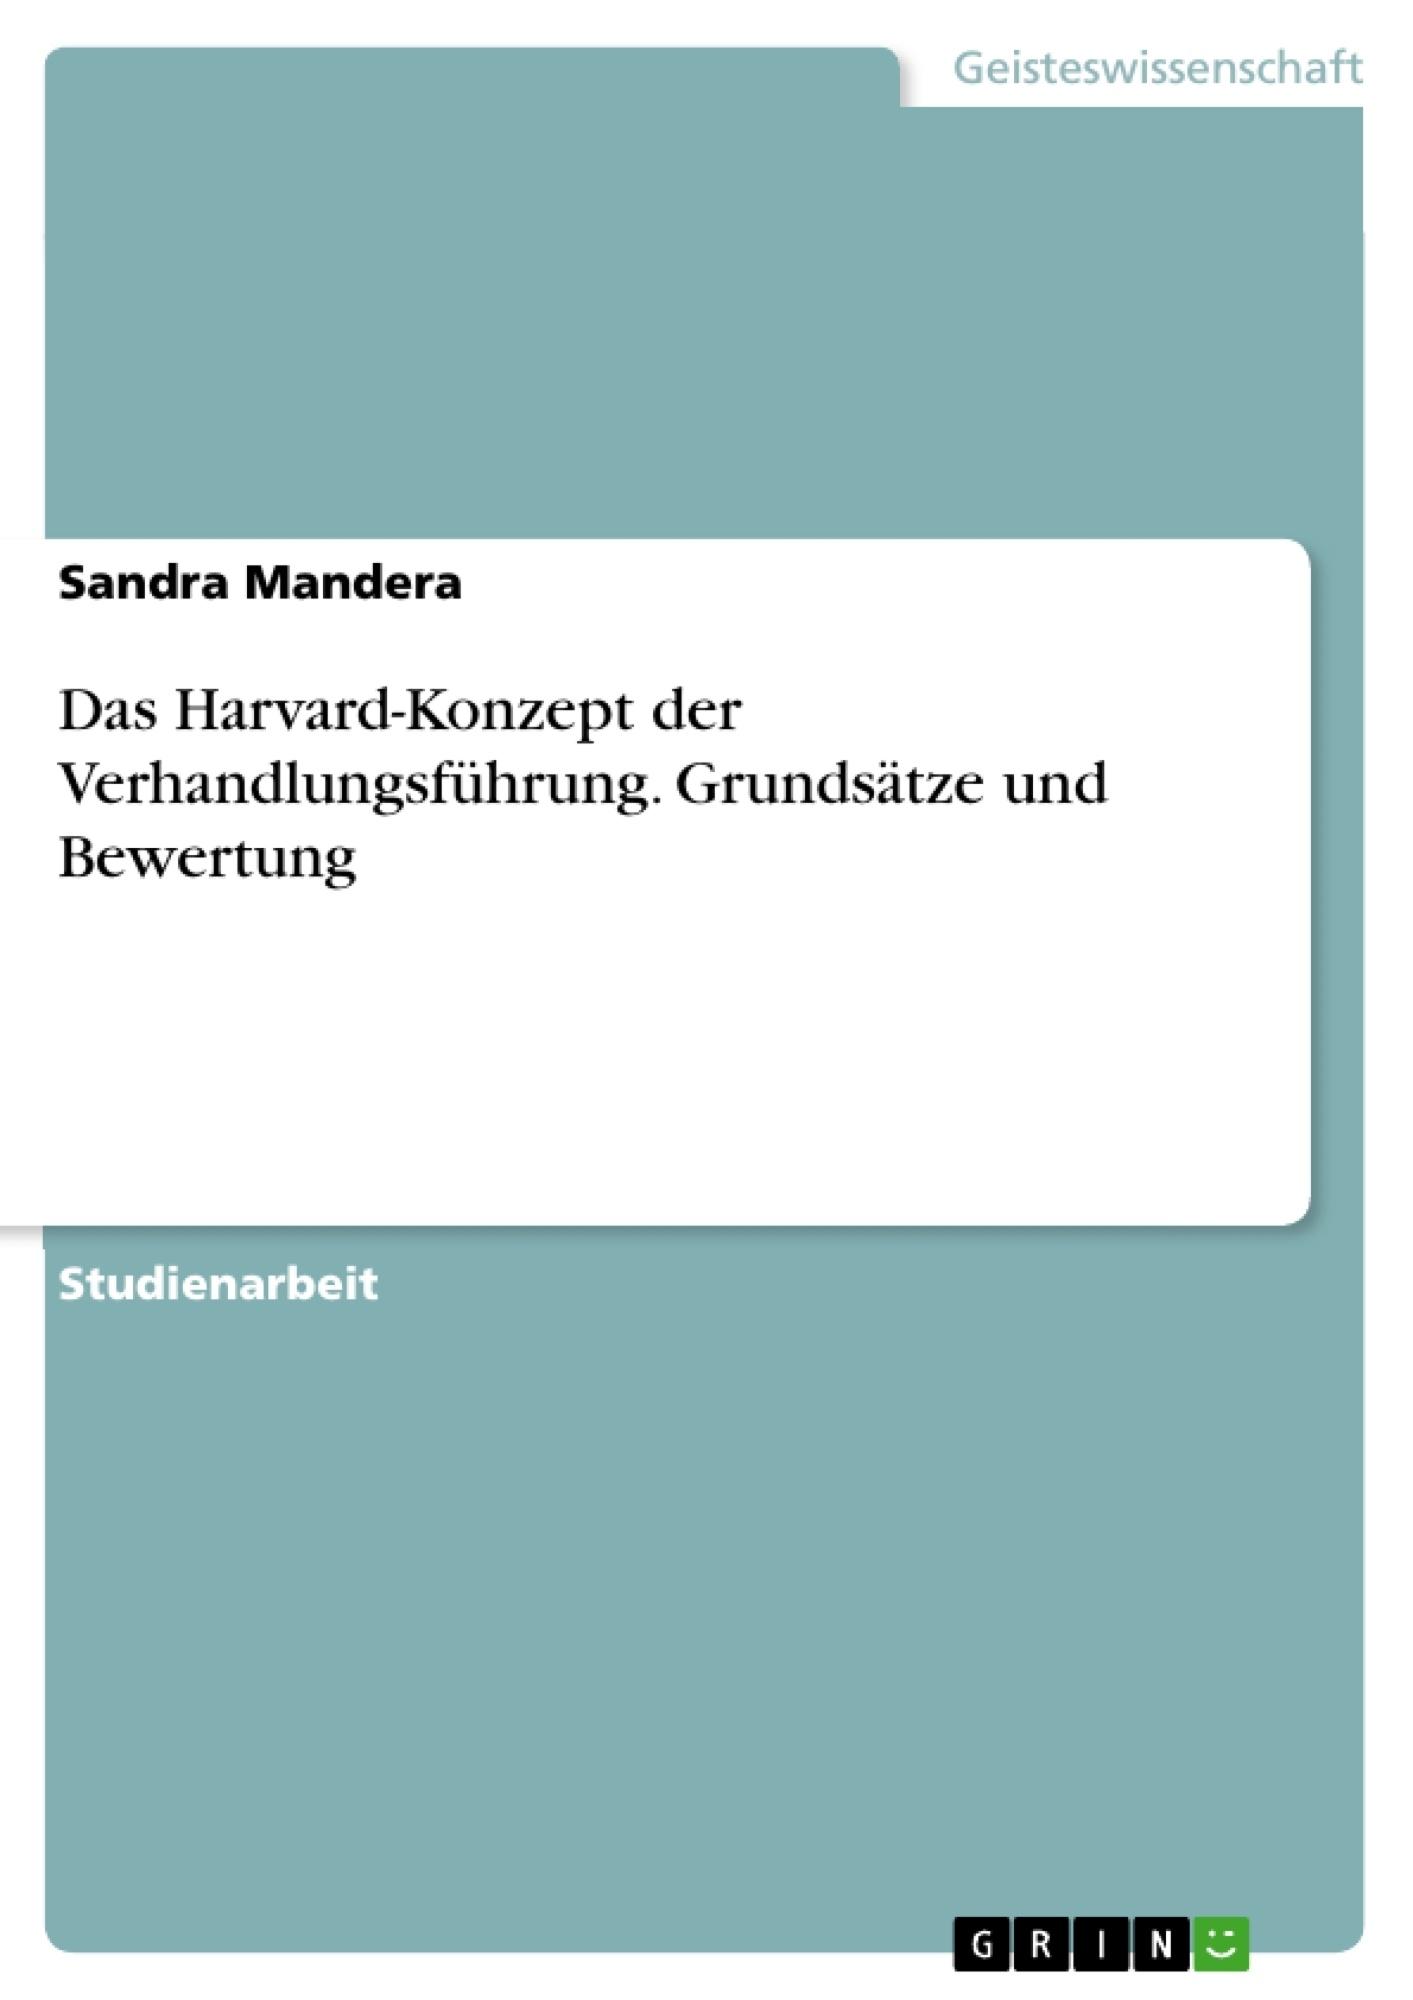 Titel: Das Harvard-Konzept der Verhandlungsführung. Grundsätze und Bewertung